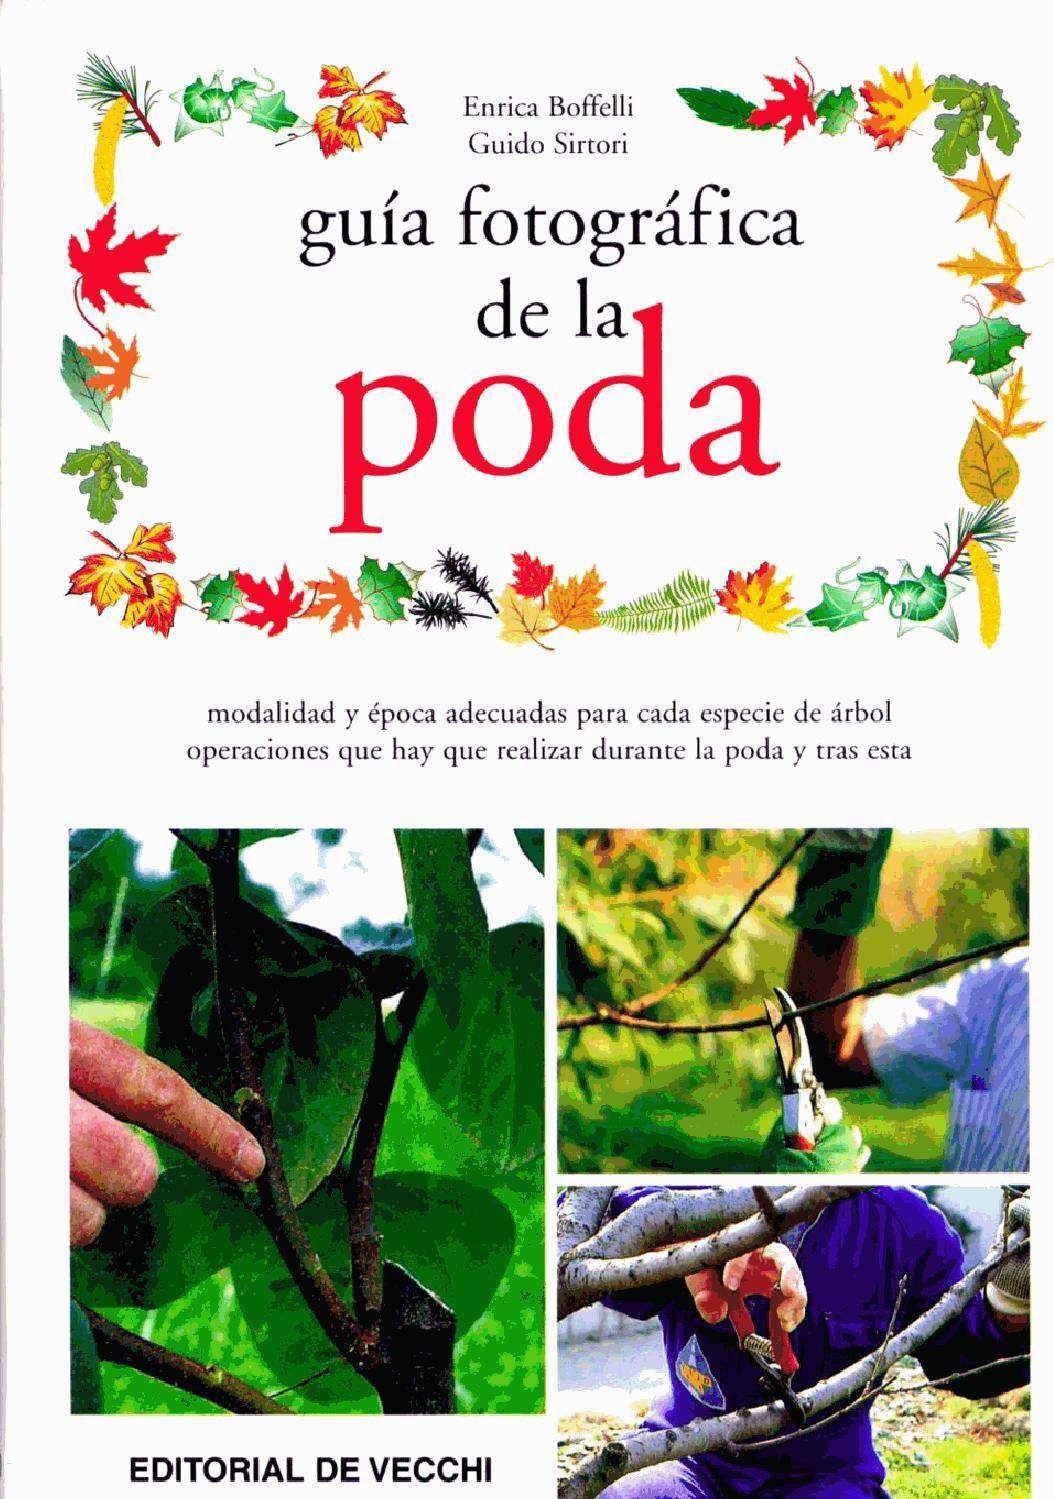 Plantas guia fotografica de la poda jardiner a plantas for Viveros frutales pdf